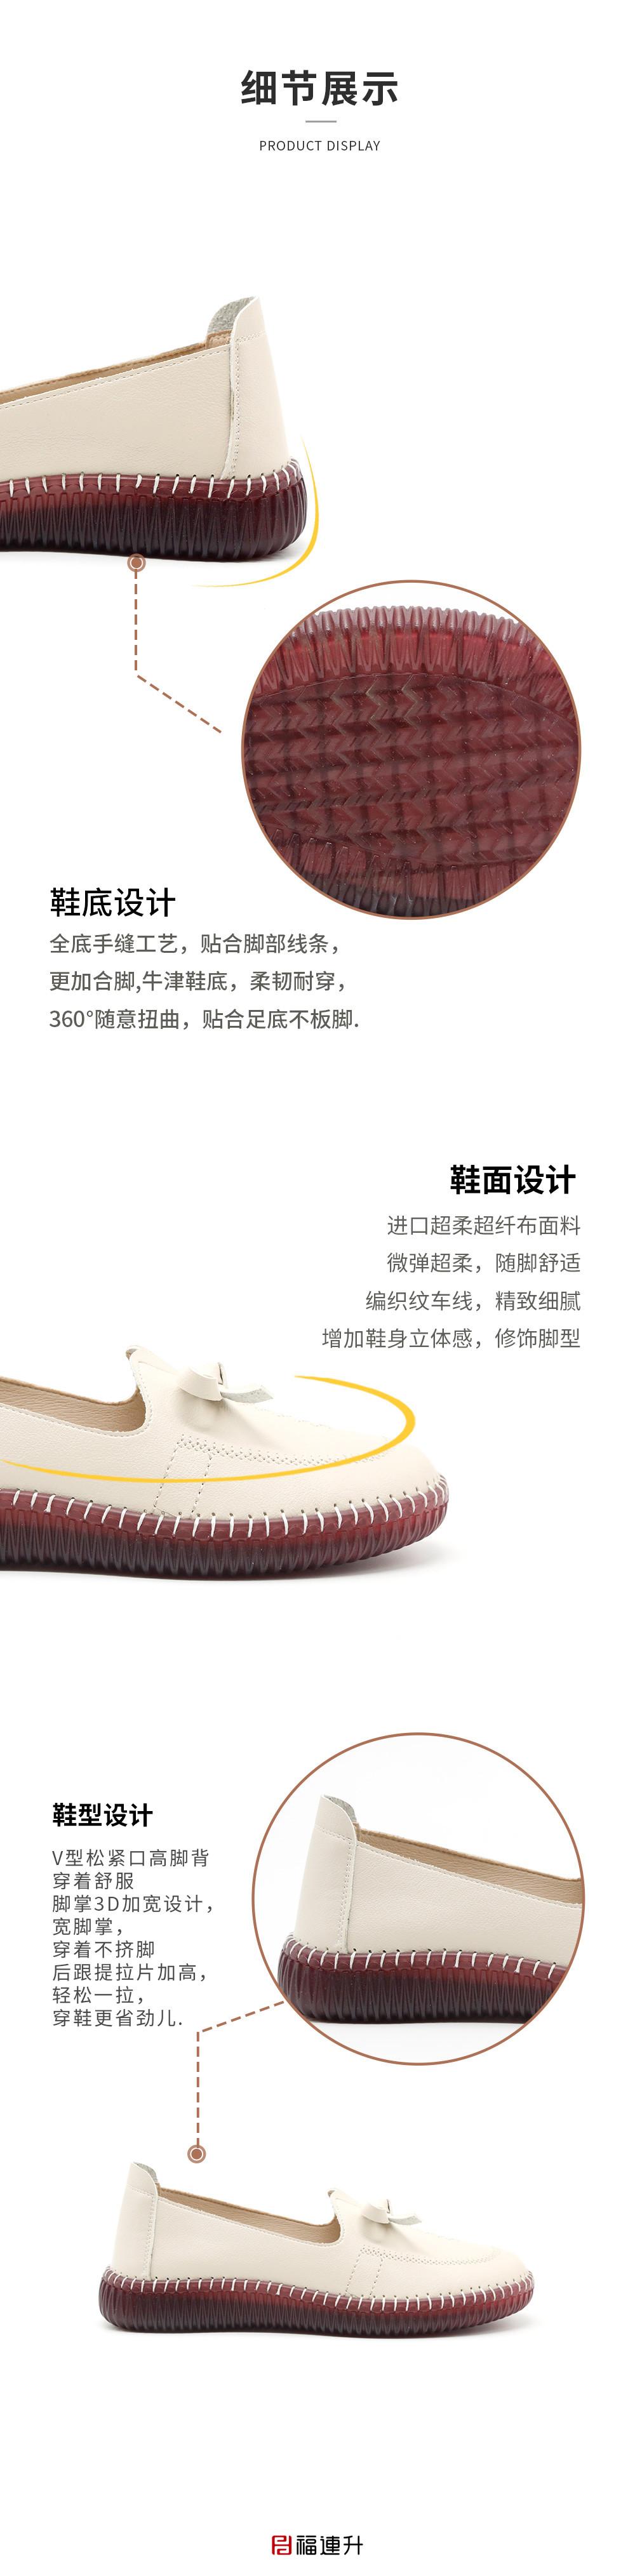 福连升女鞋春季舒适透气休闲女单鞋手缝妈妈鞋平底鞋图片